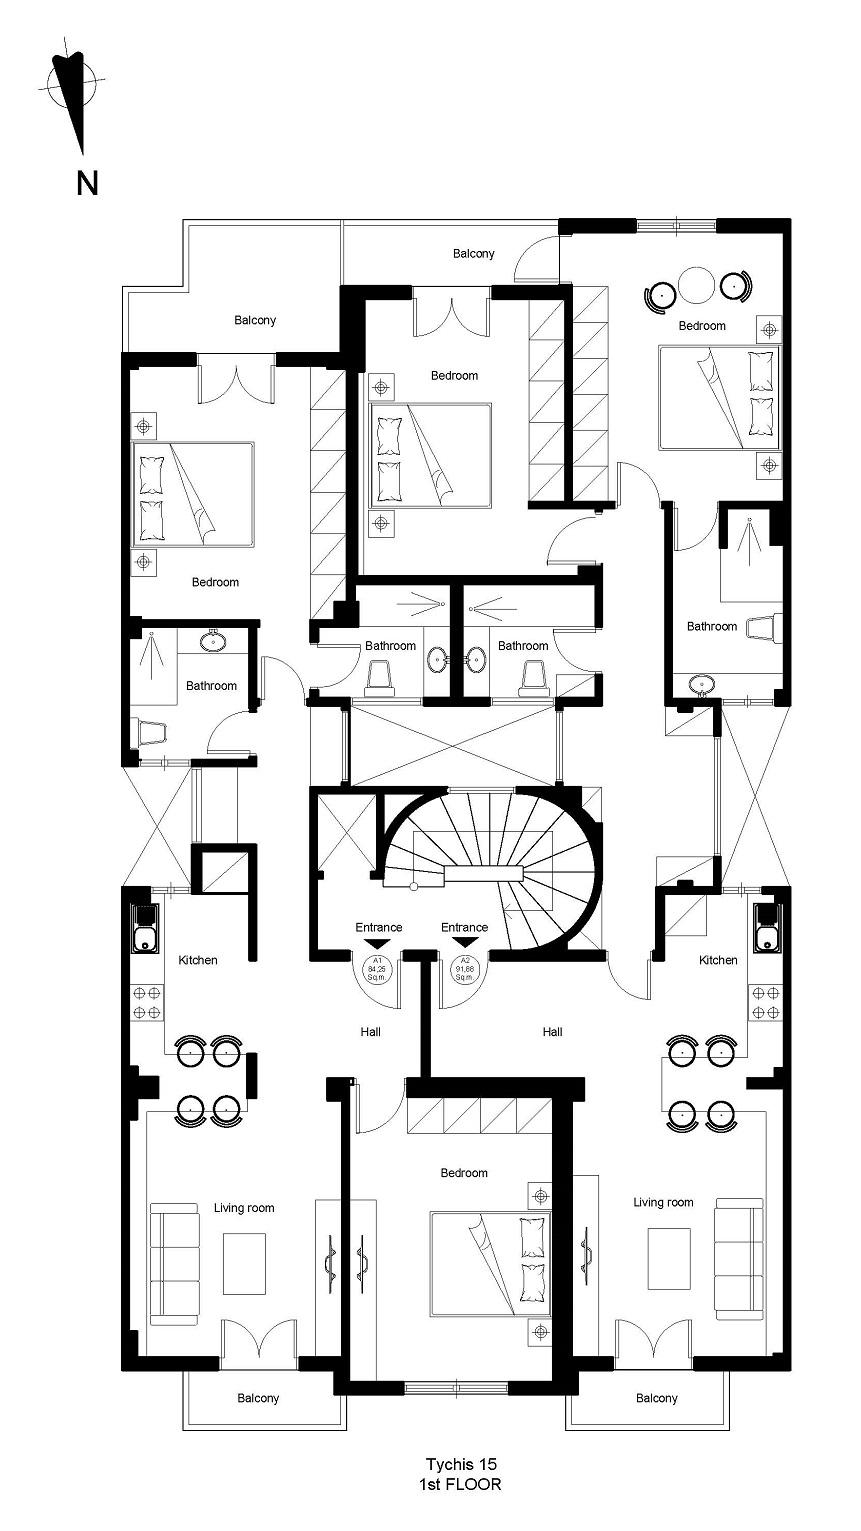 Tichis 15 1st floor plan